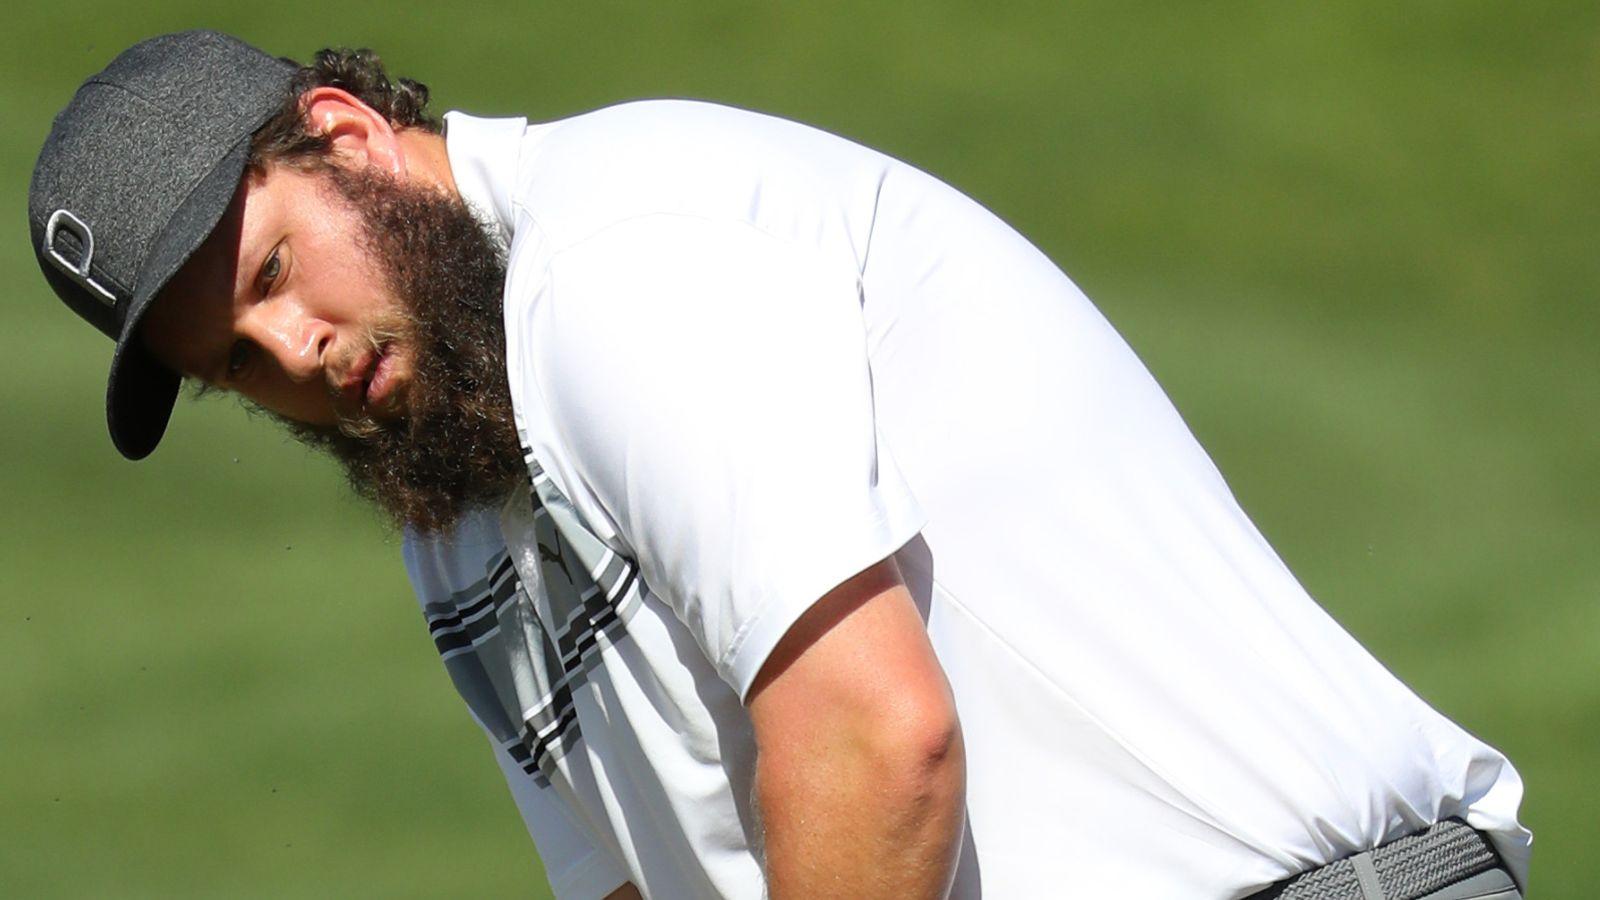 Andrew 'Beef' Johnston feliz en casa durante el encierro | Noticias de golf 13